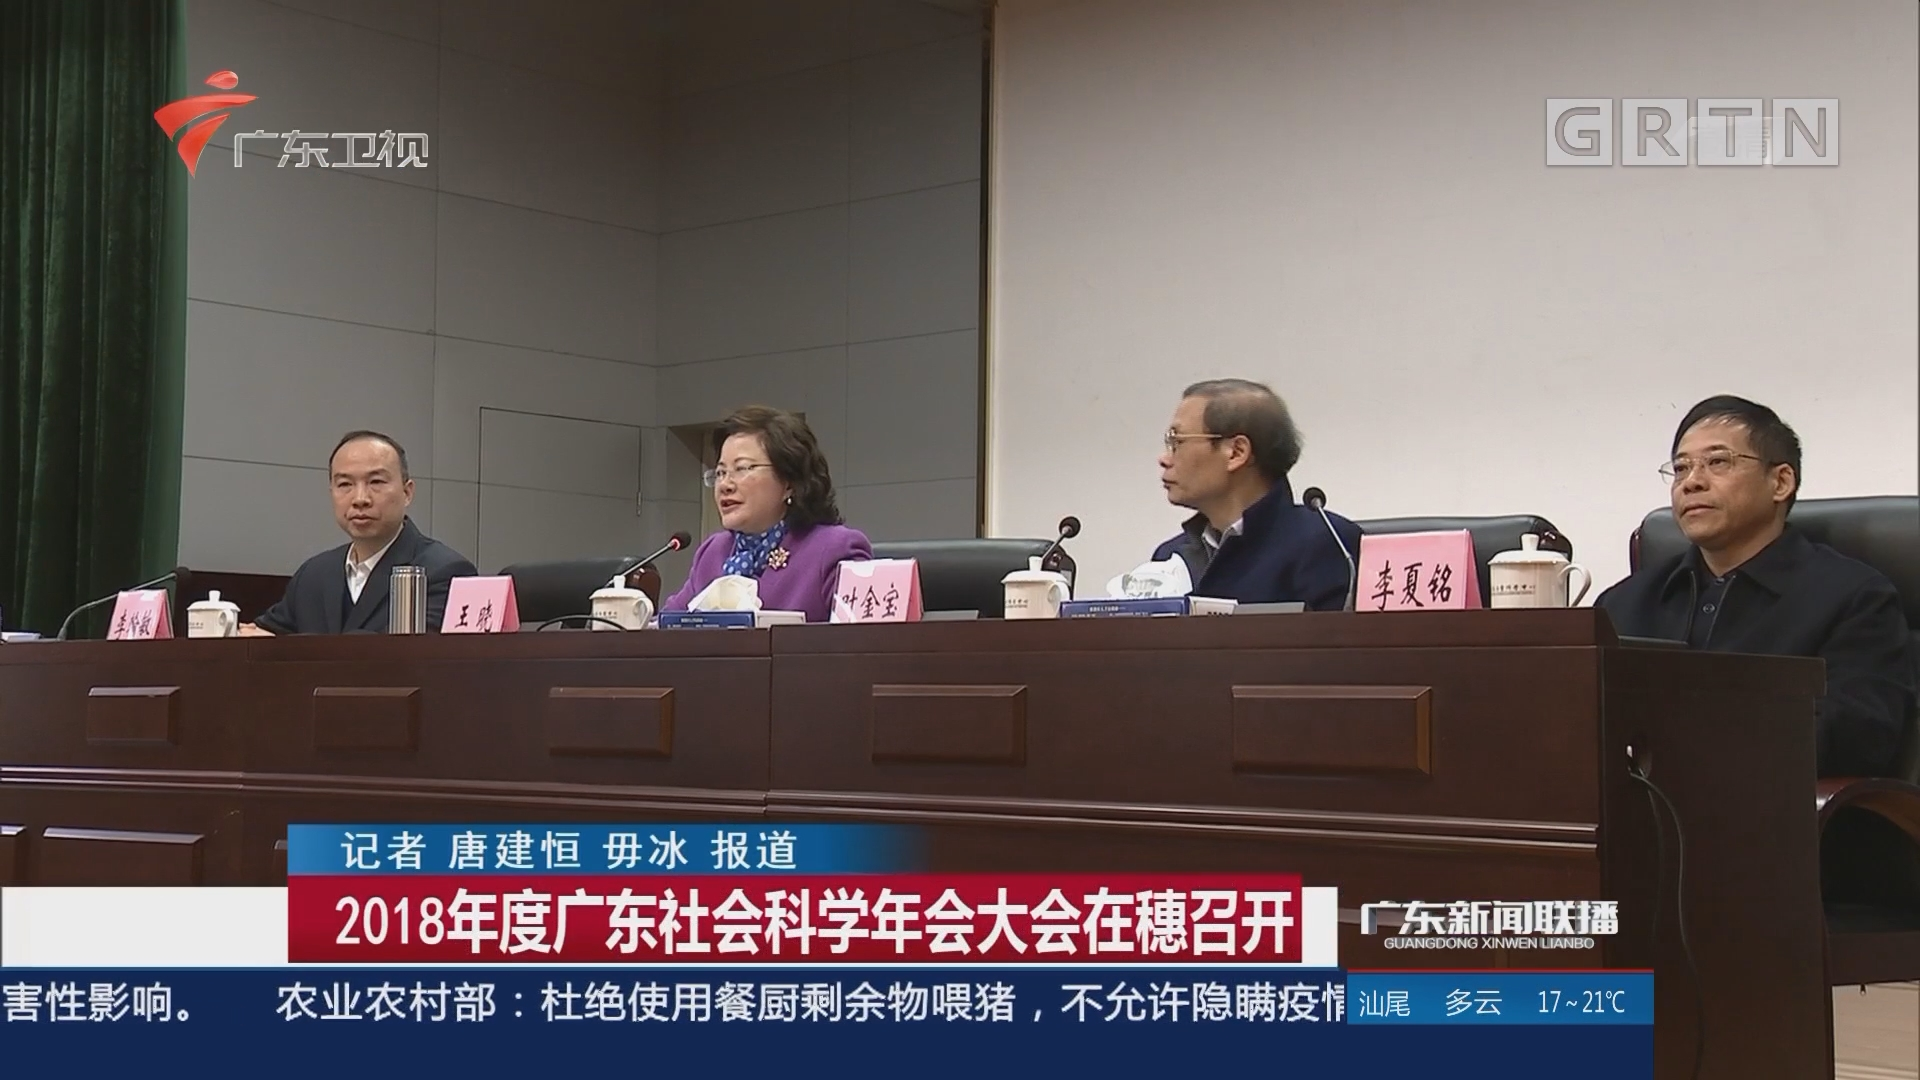 2018年度广东社会科学年会大会在穗召开